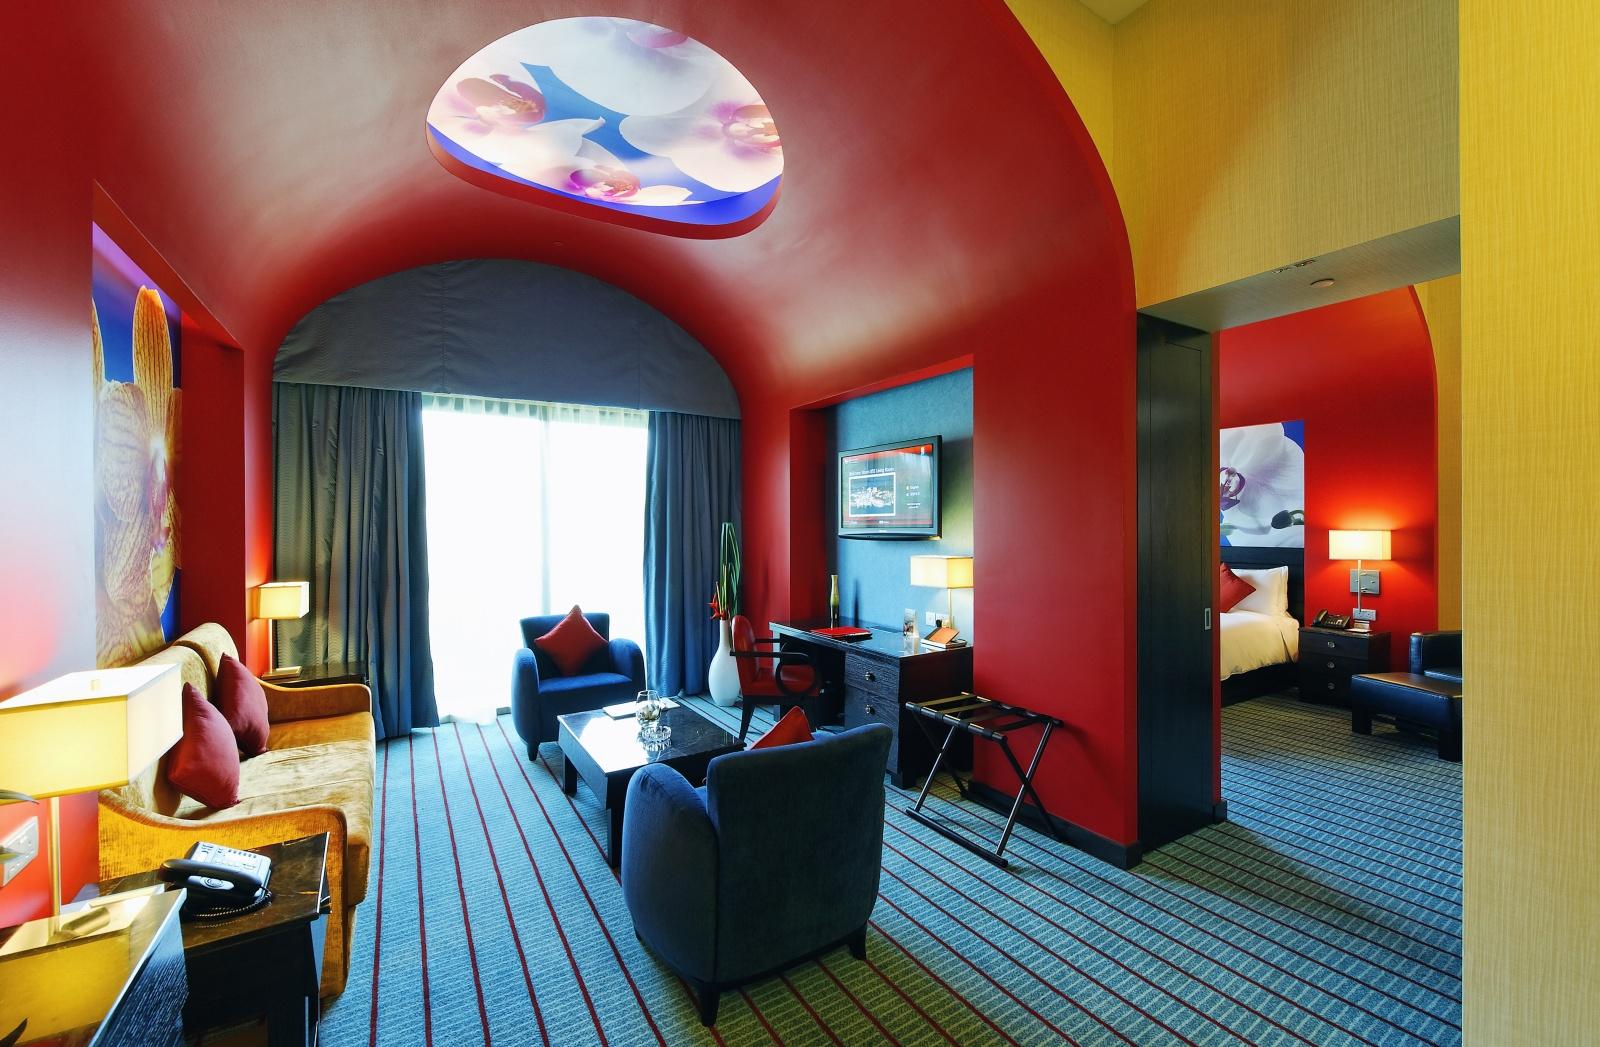 equarius hotela deluxe room. Equarius Hotela Deluxe Room